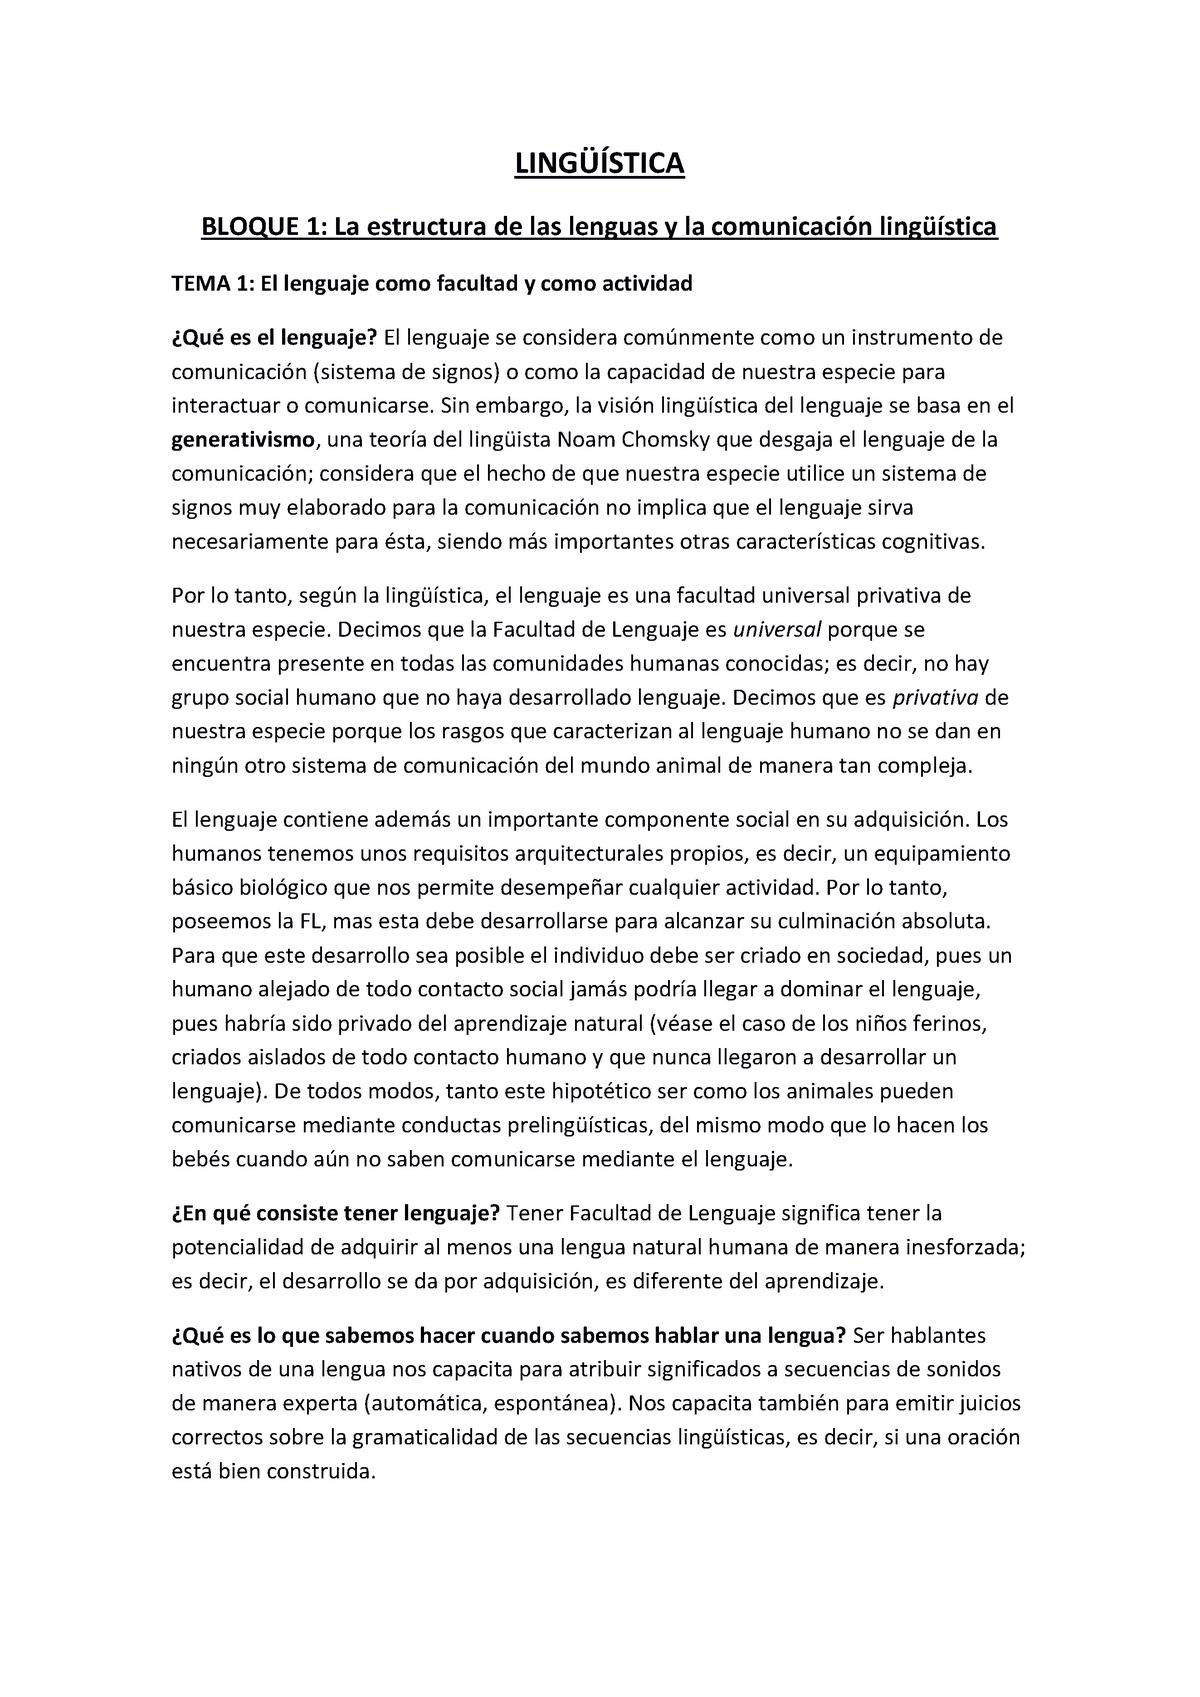 Linguistica Apuntes De Clase 1 4 Lingüística Uniovi